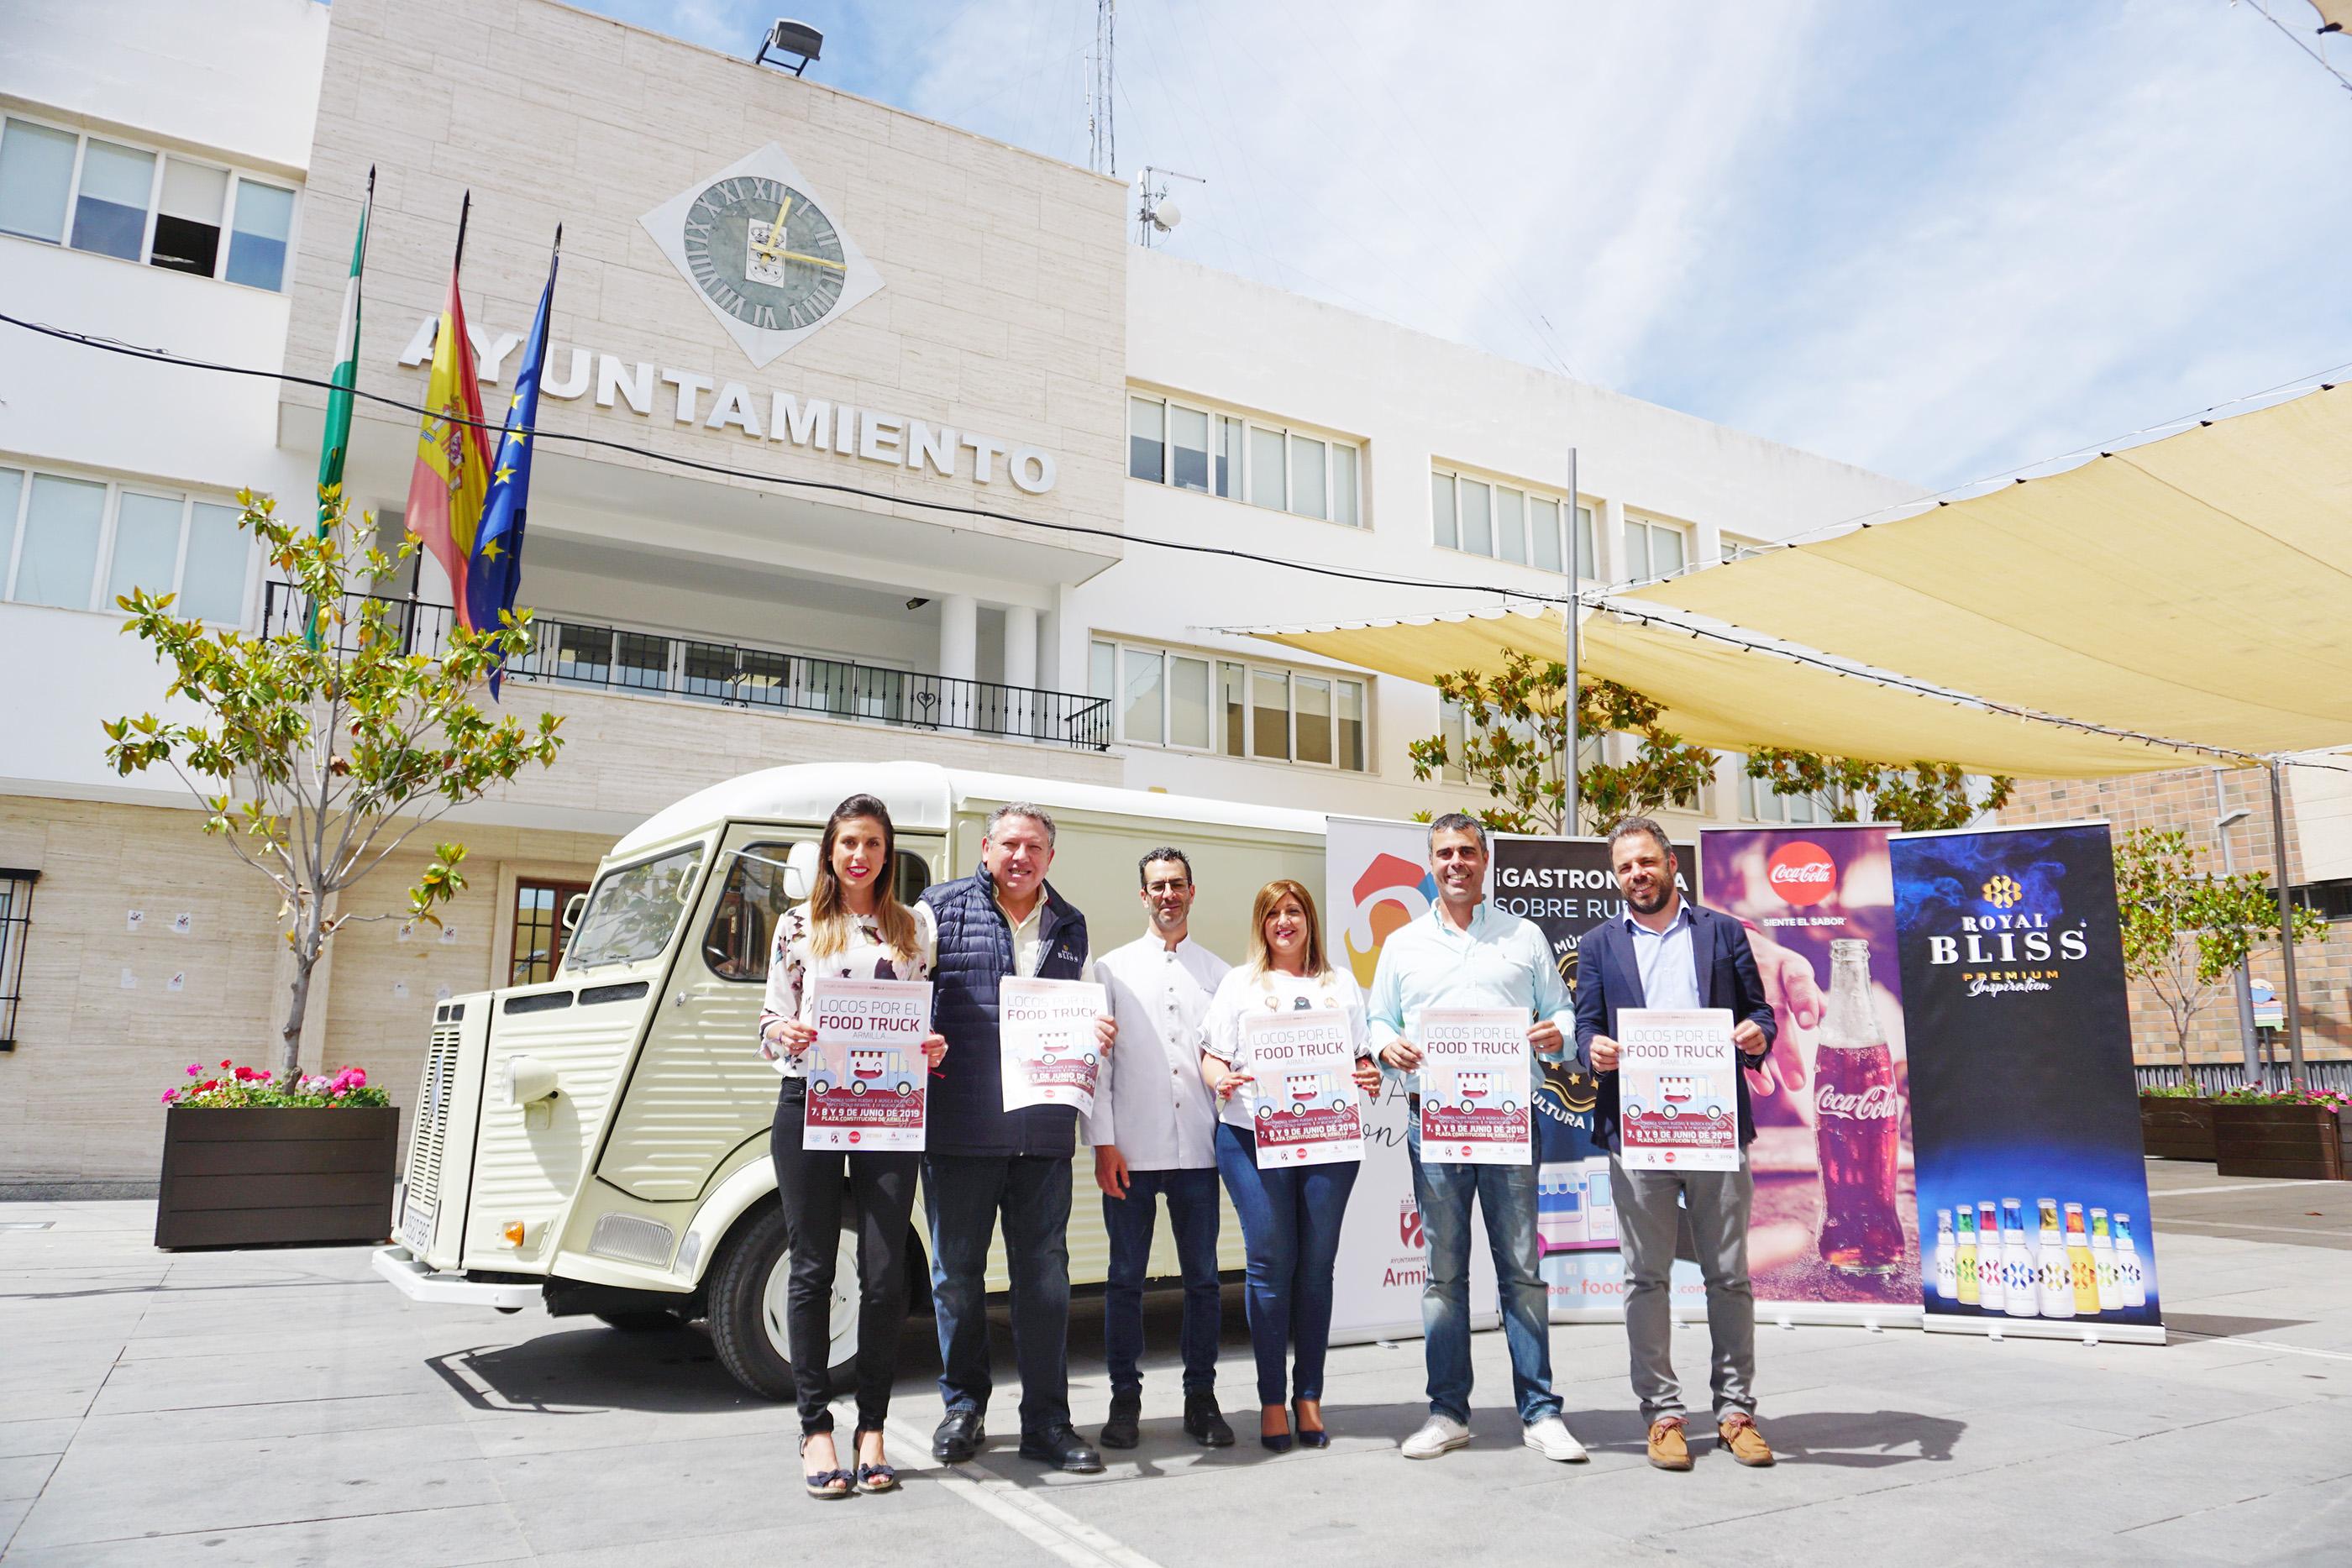 La cuarta edición de locos por el Food Truck llega a Armilla los días 7, 8 y 9 de junio